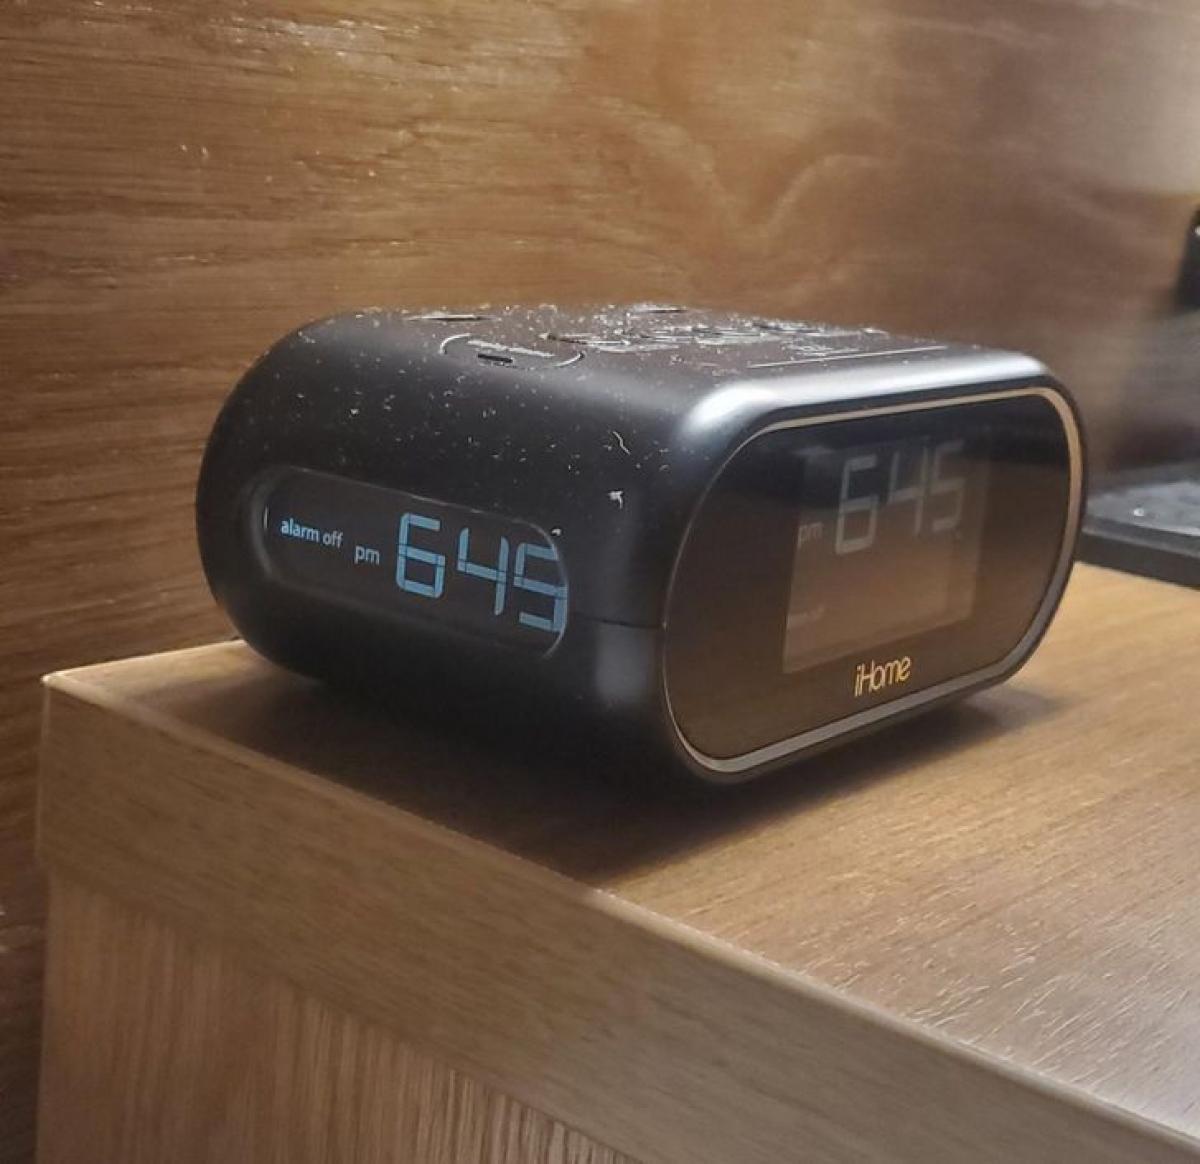 Chiếc đồng hồ giúp bạn lúc nào cũng có thể nhìn thấy giờ mà không cần phải di chuyển./.